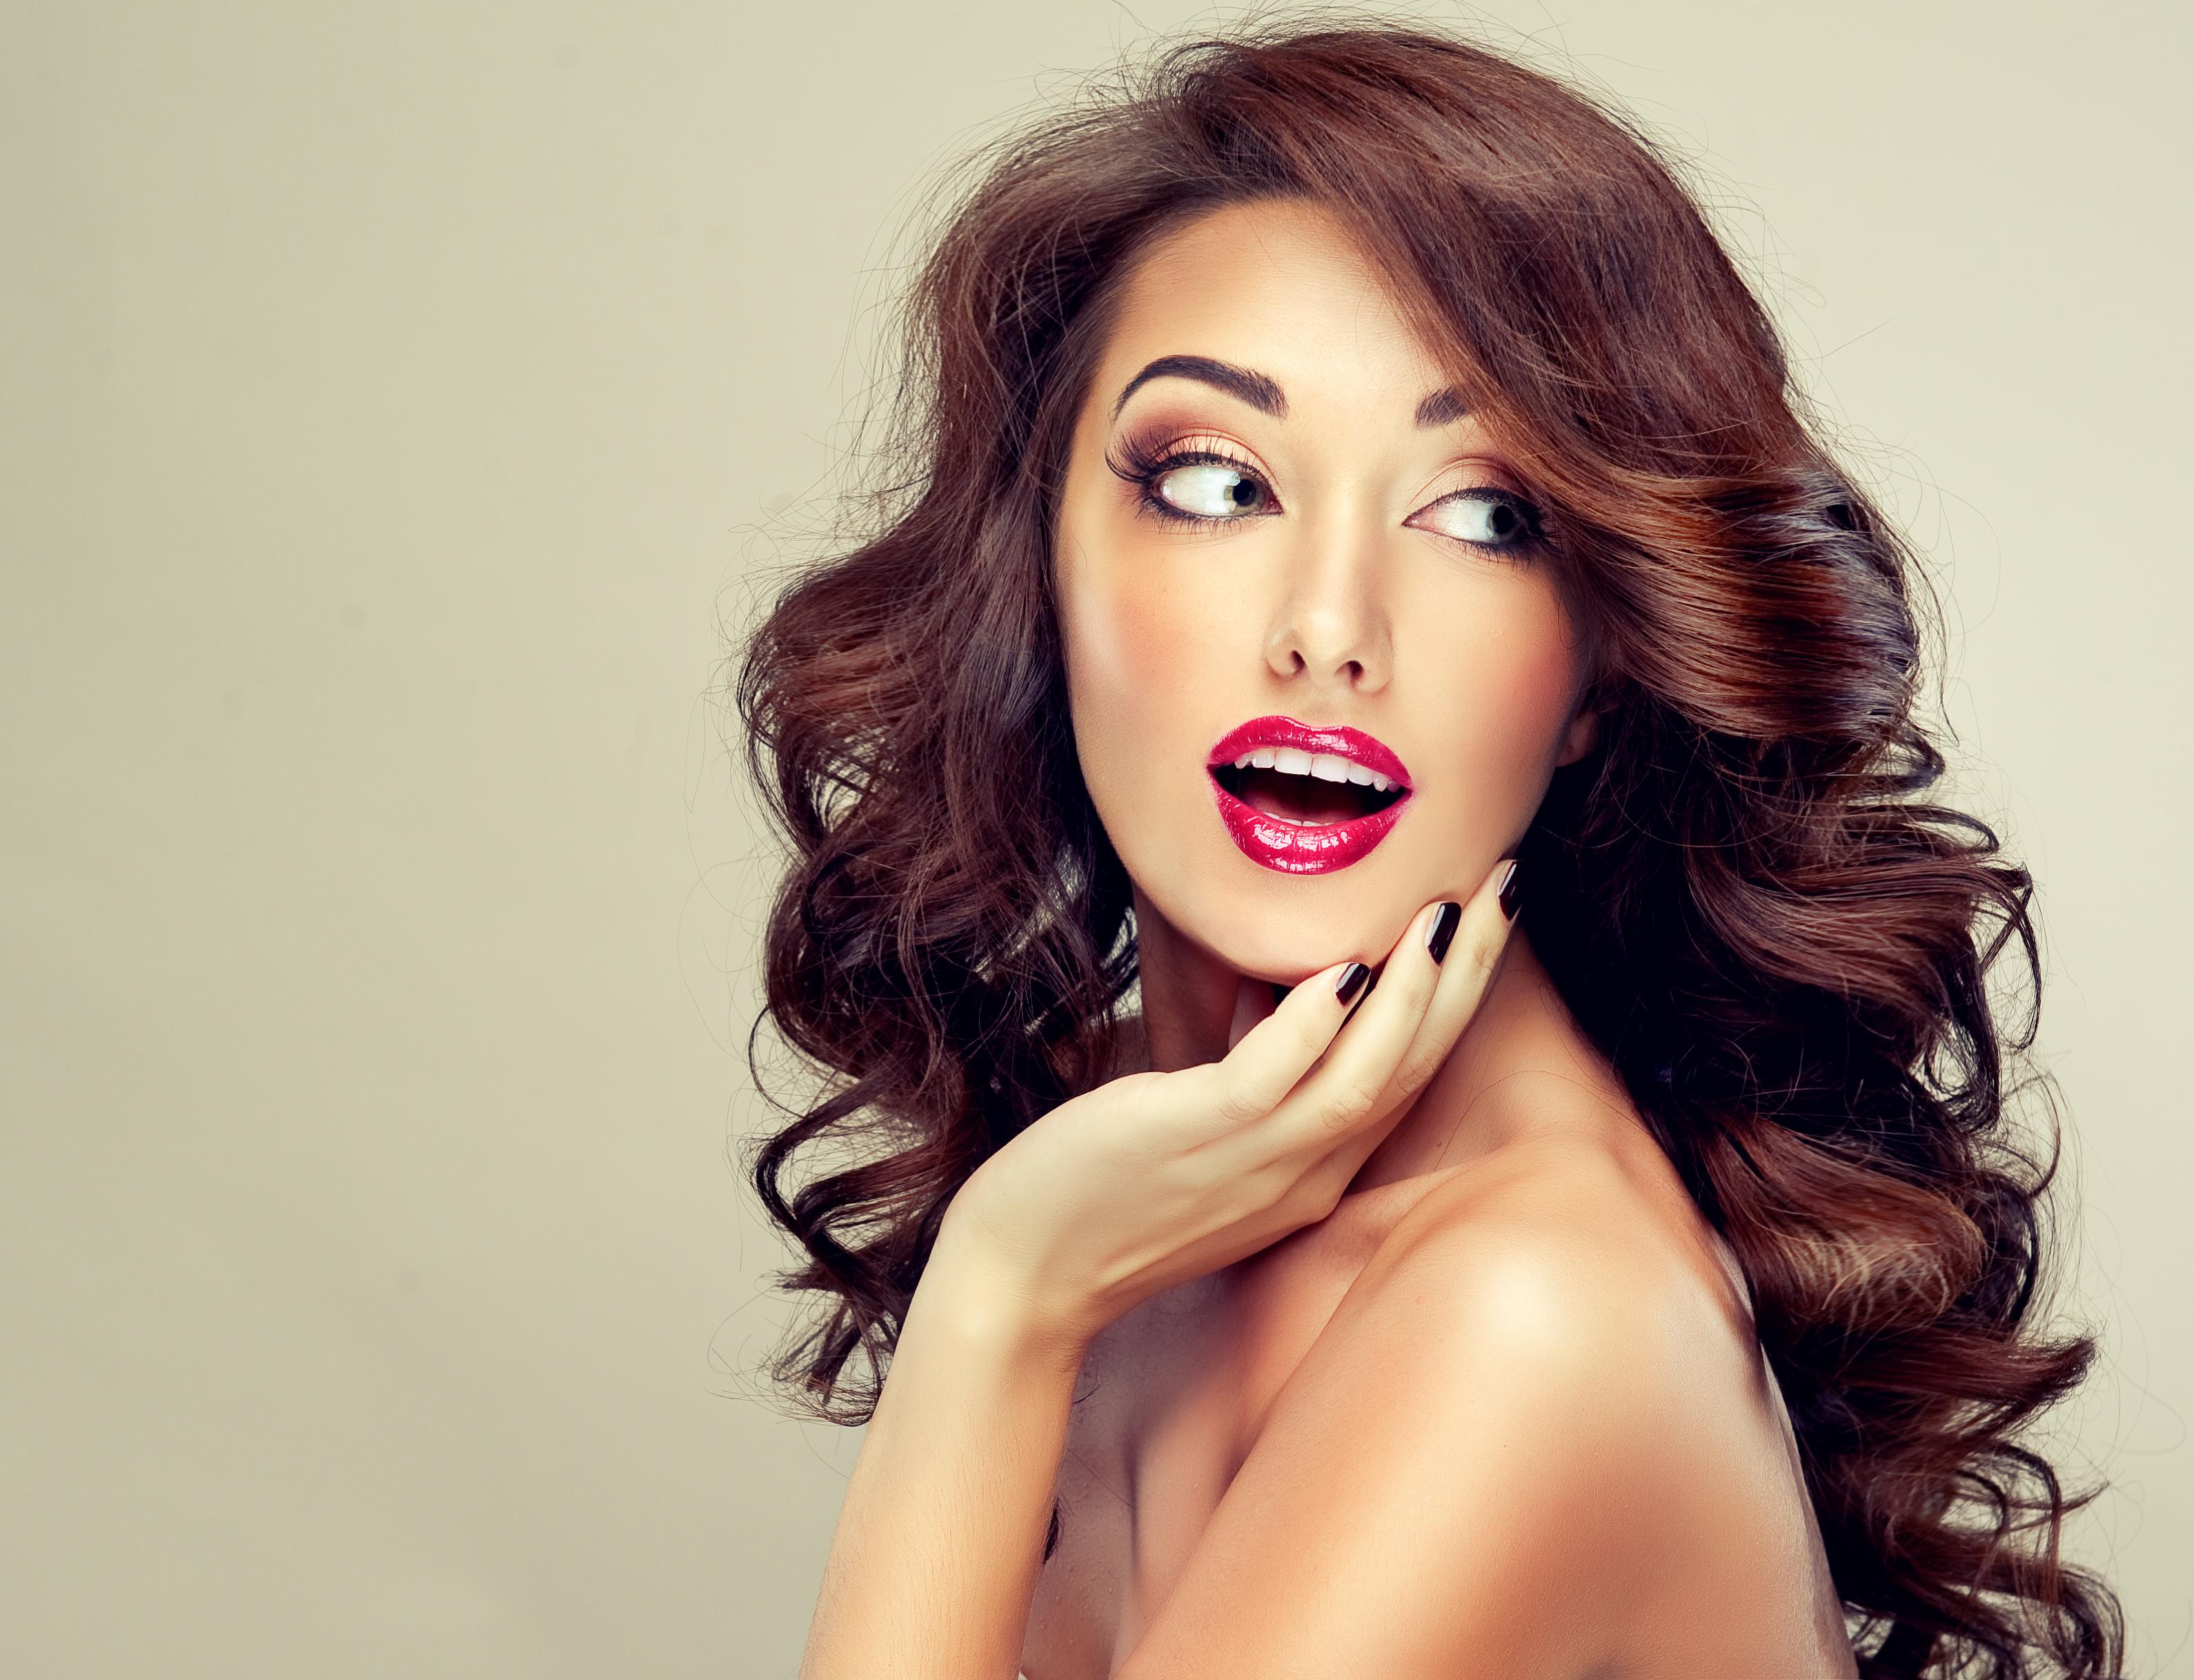 6ece3ba295 El peinado ideal para tu vestuario de fin de año - La Prensa